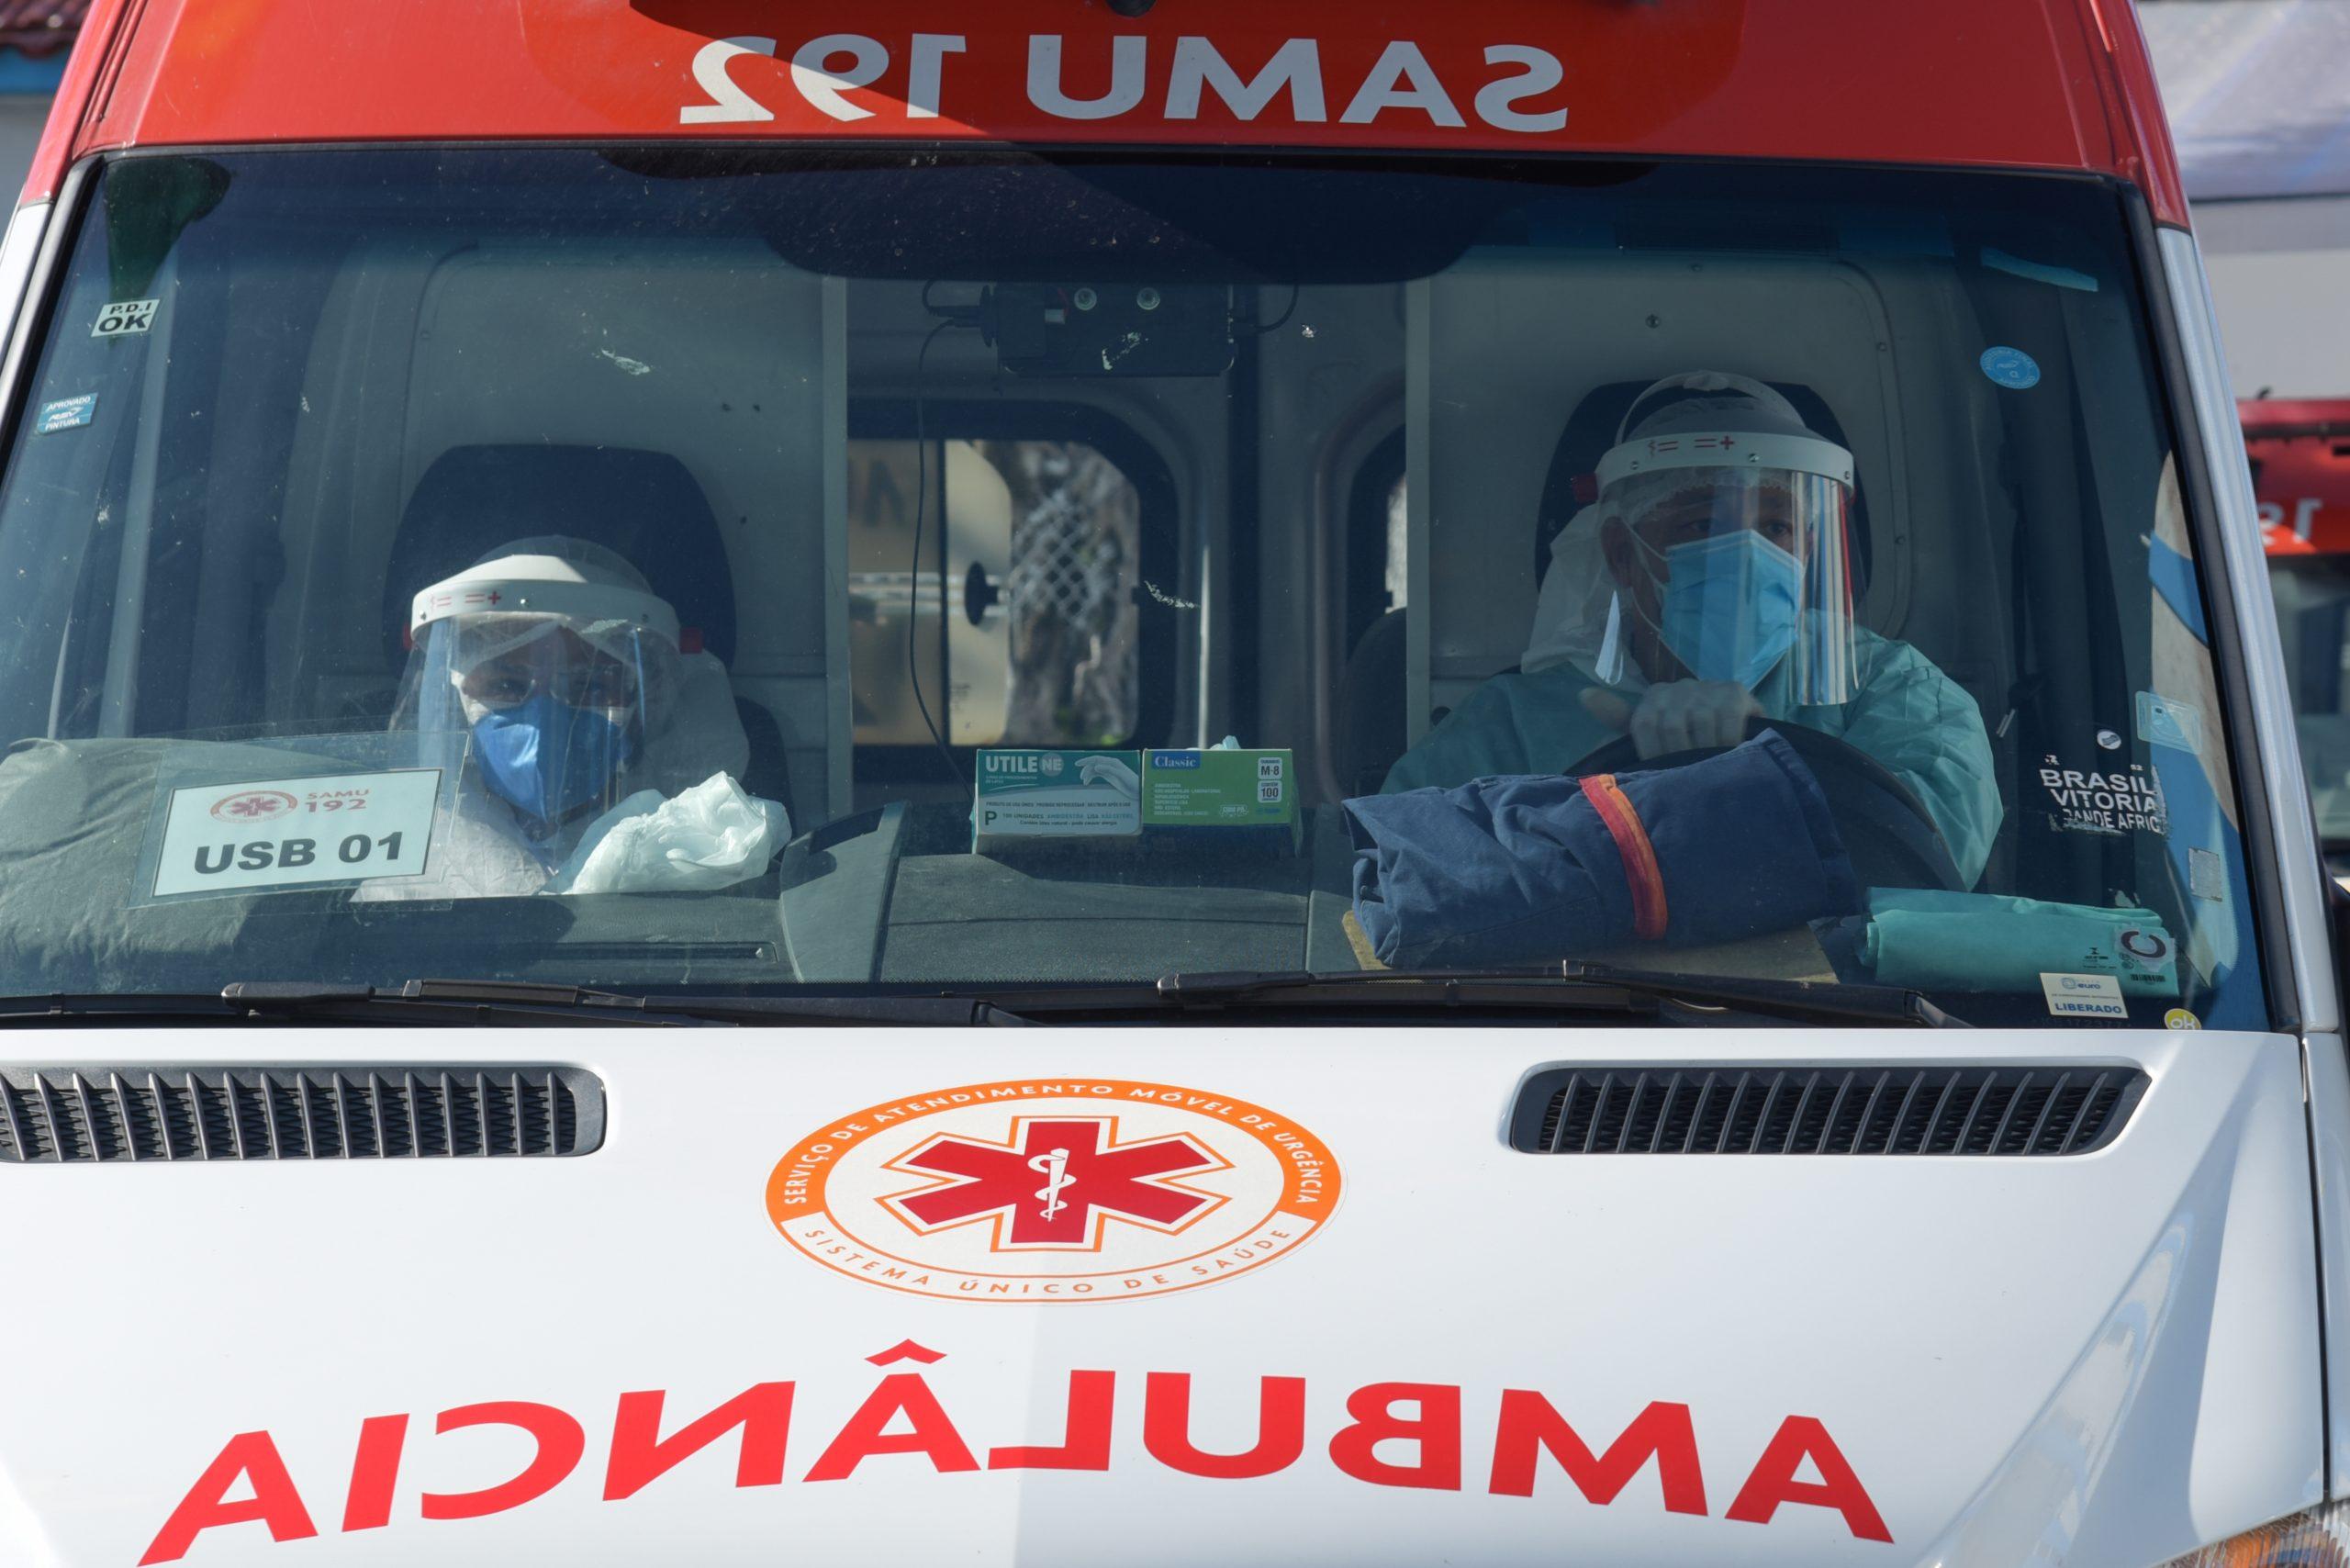 profissionais da saude conduzem ambulancia do samu em rodovia brasileira